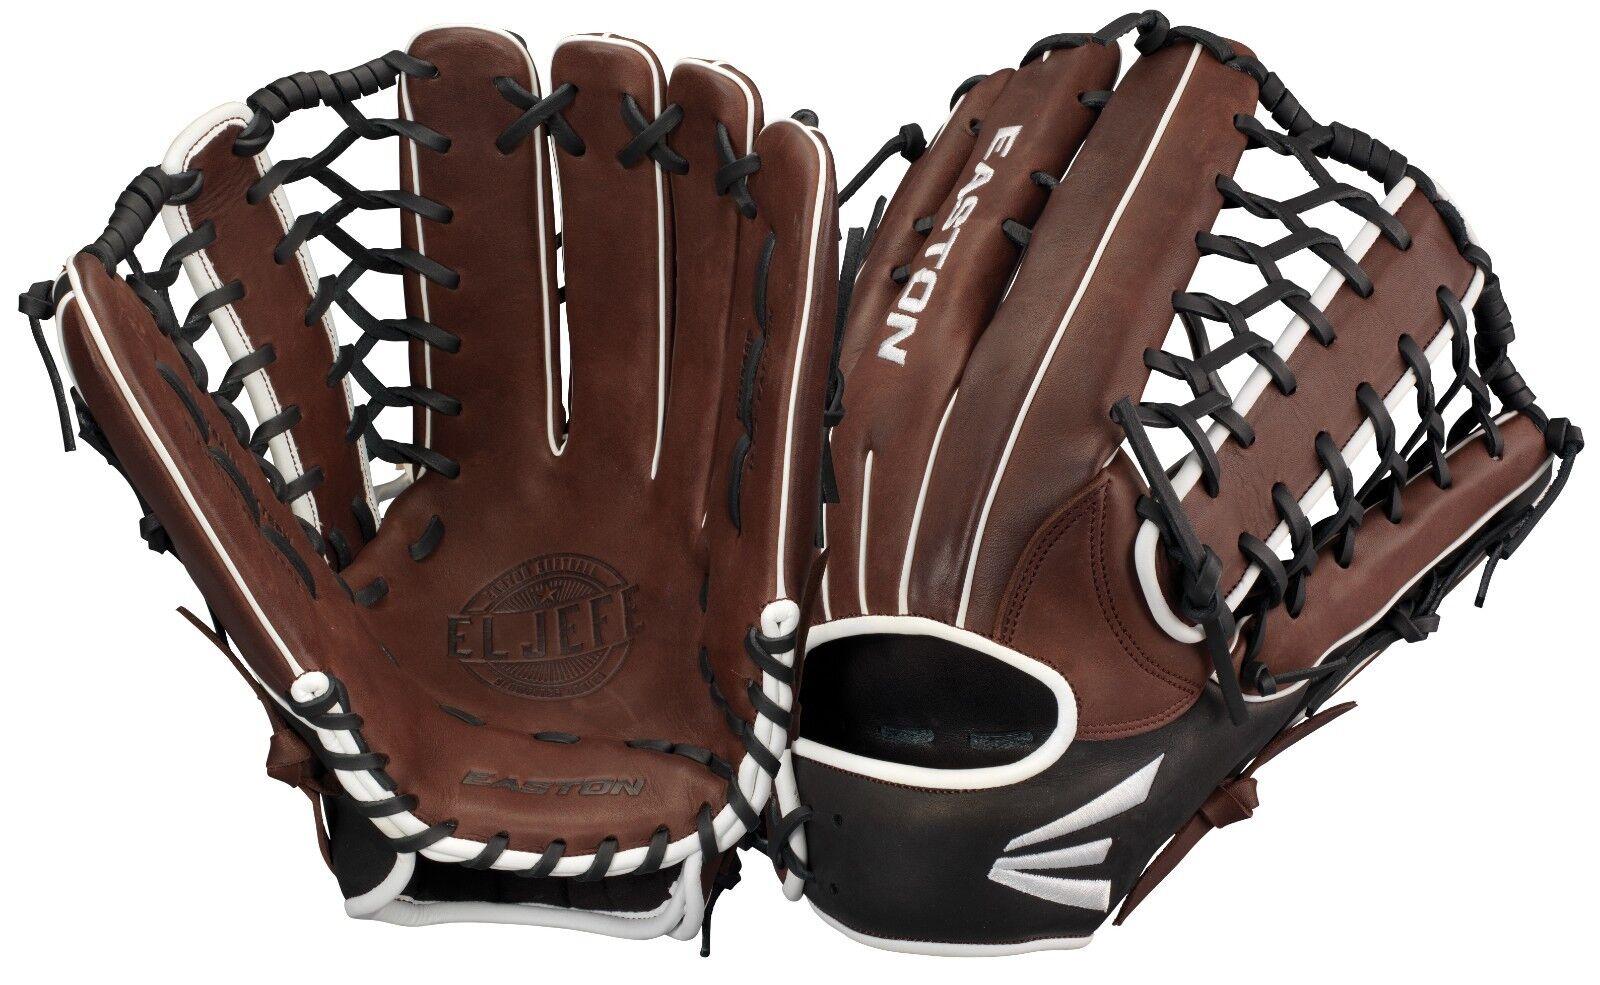 Easton el Jeffe 13.5  Slowpitch Softball guante EJ1350SP